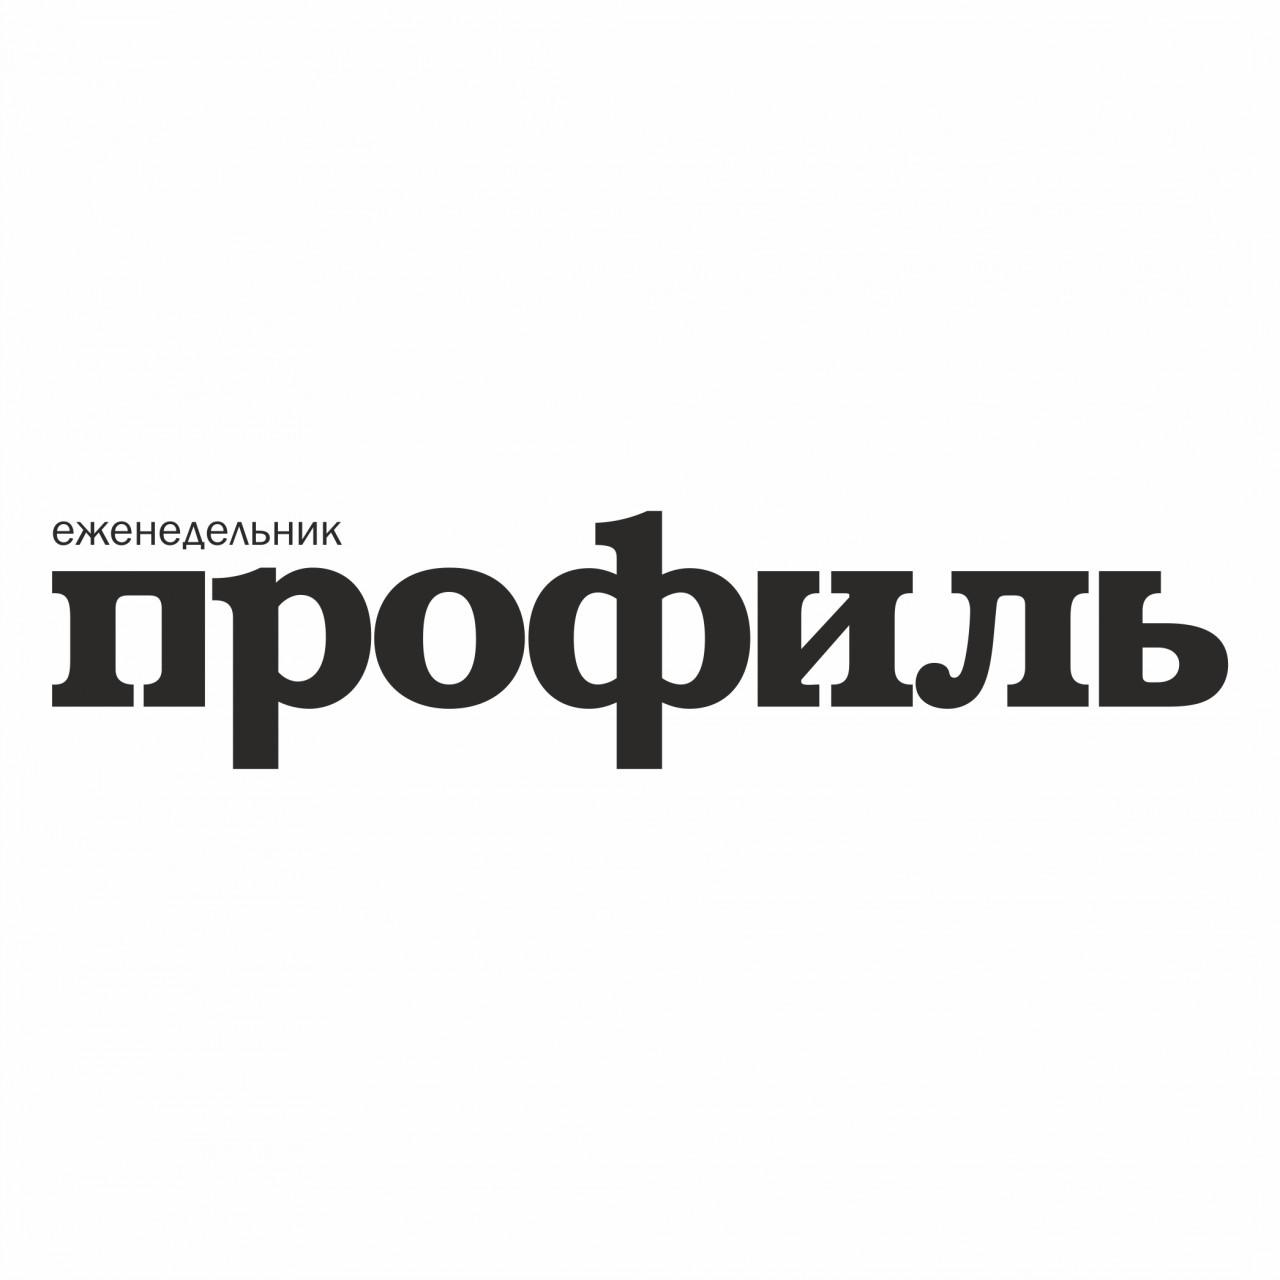 Мэр Одессы не смог провести заседание на украинском языке